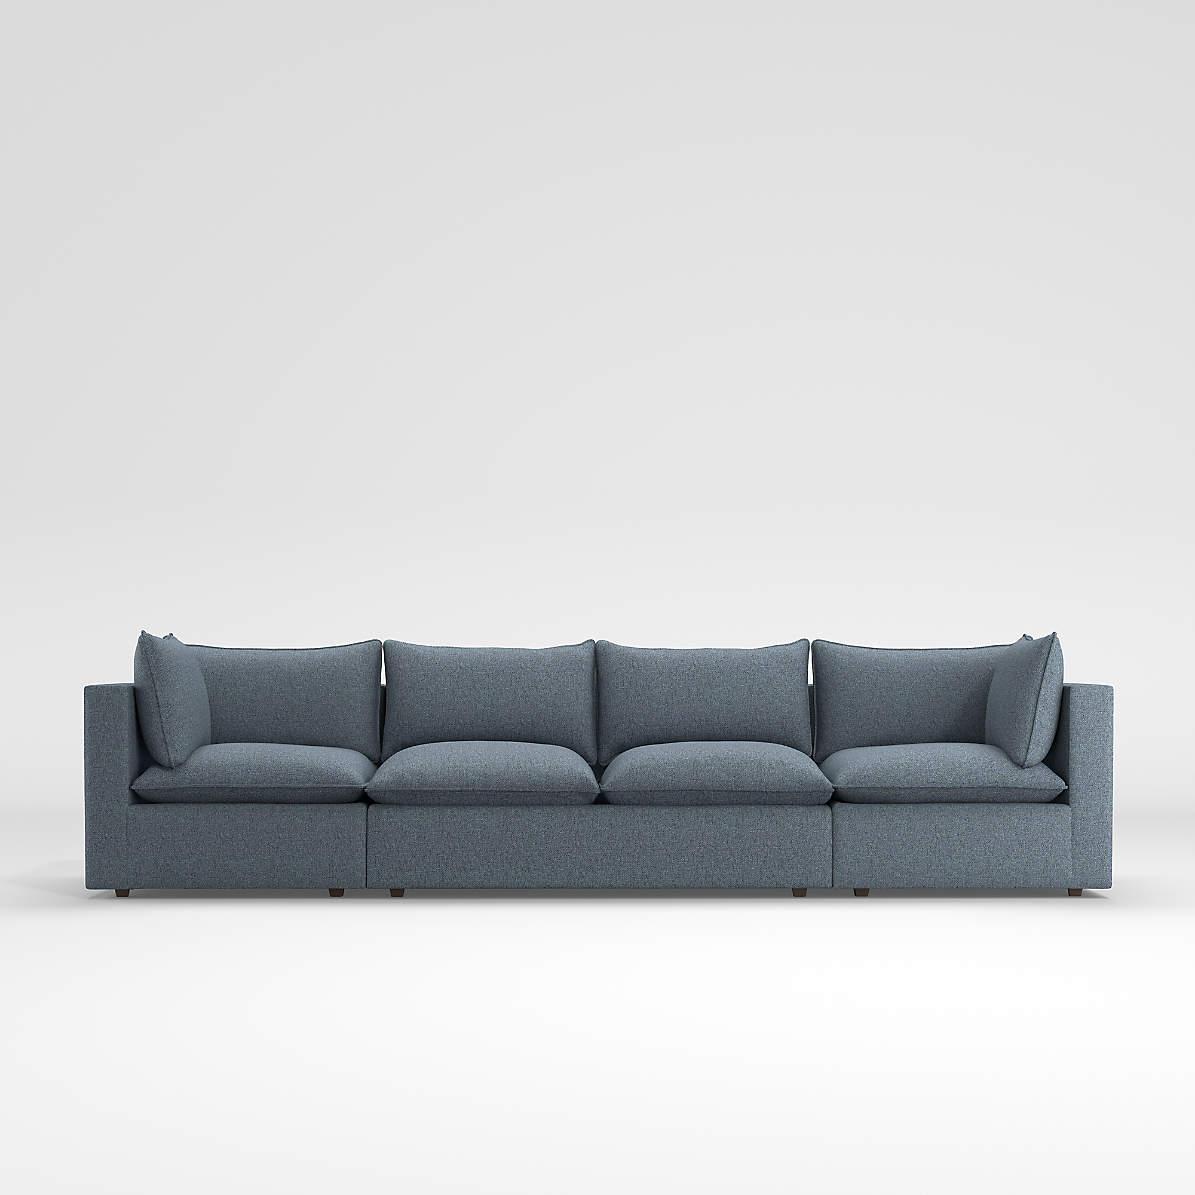 Lotus Petite Modular 3 Piece Extra Long Low Sofa Sectional Reviews Crate And Barrel